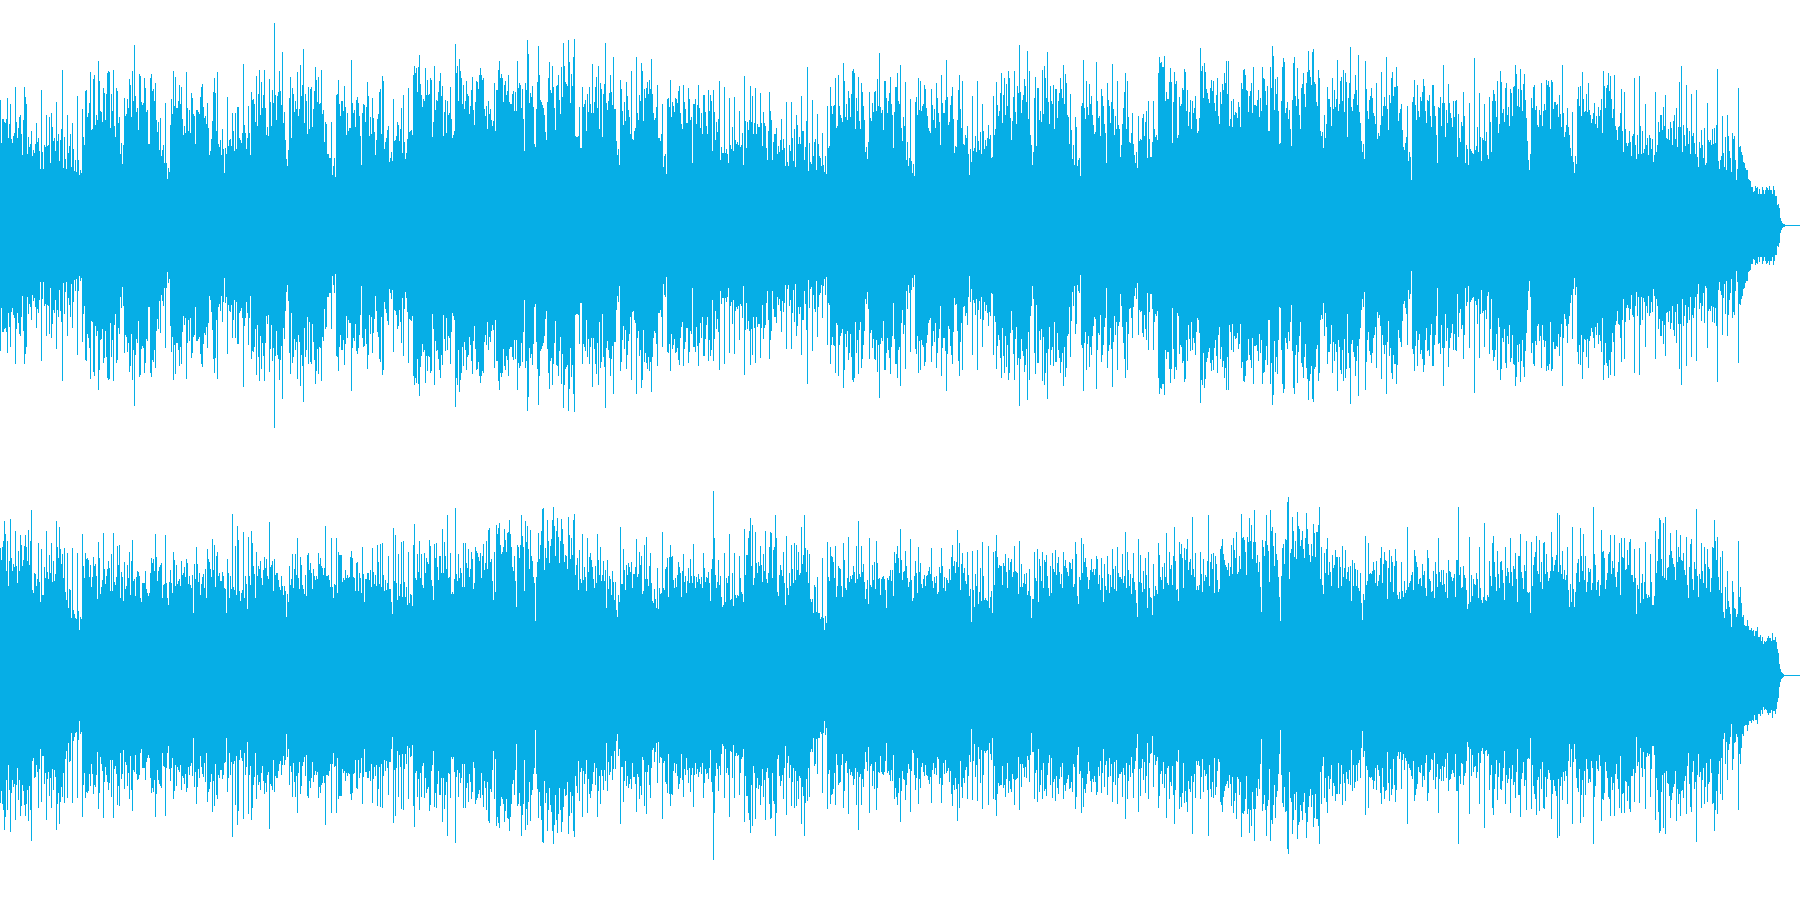 キラキラ感と重厚感もあるメロディアスな曲の再生済みの波形